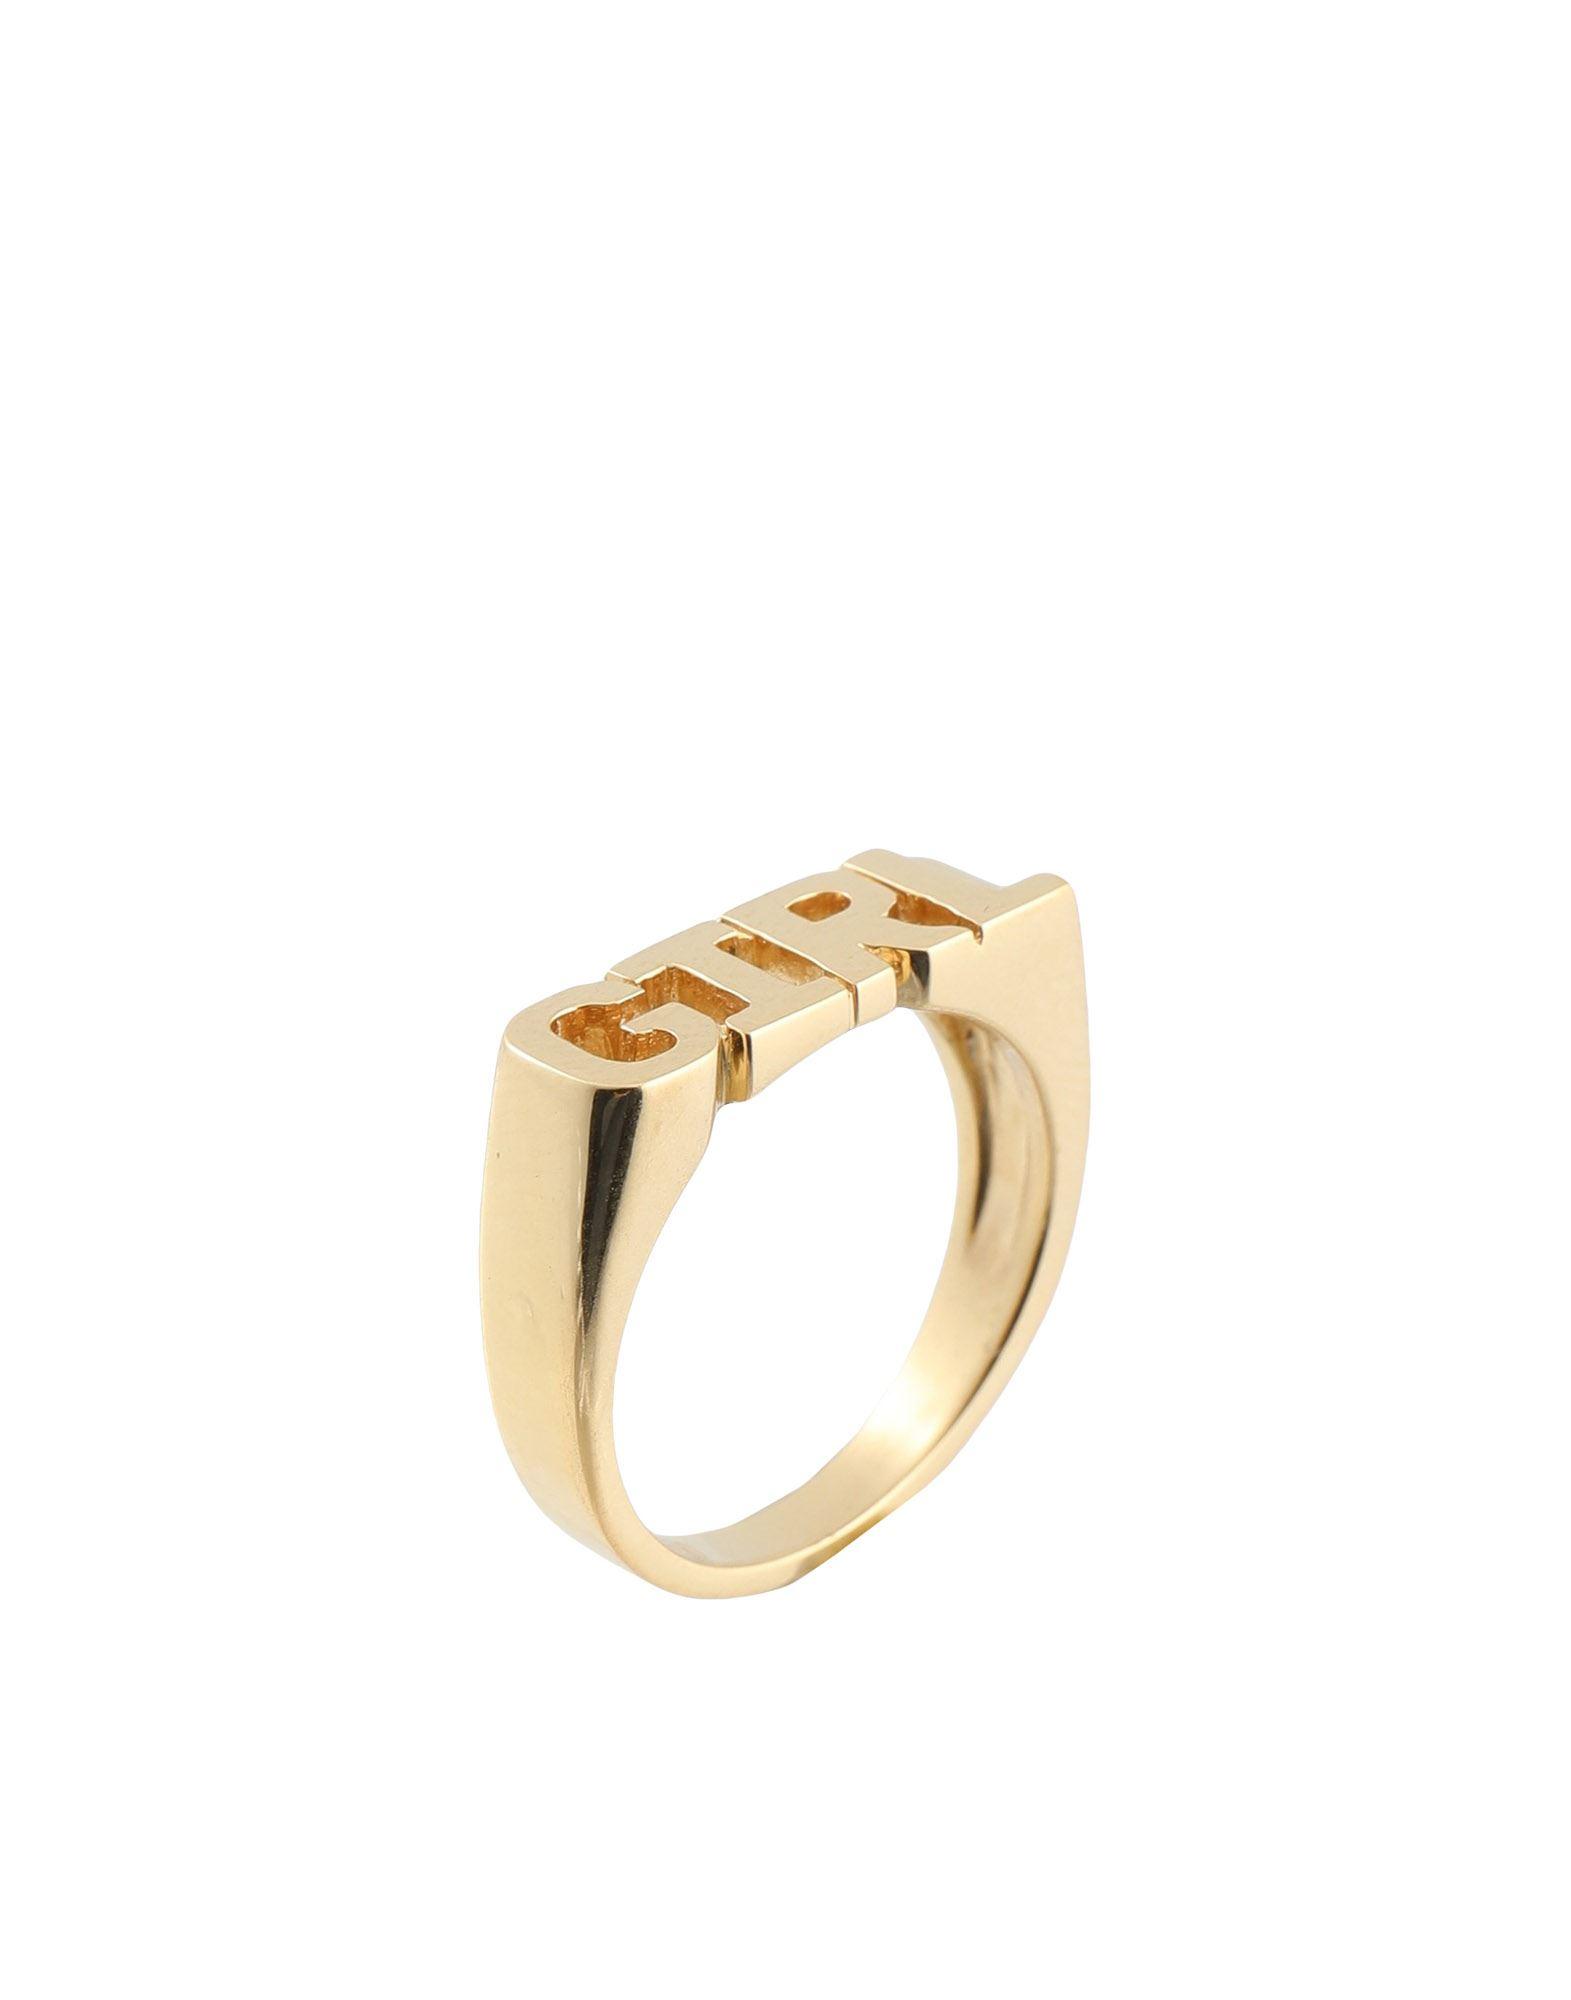 MARIA BLACK マリア・ブラック レディース 指輪 GIRL RING ゴールド